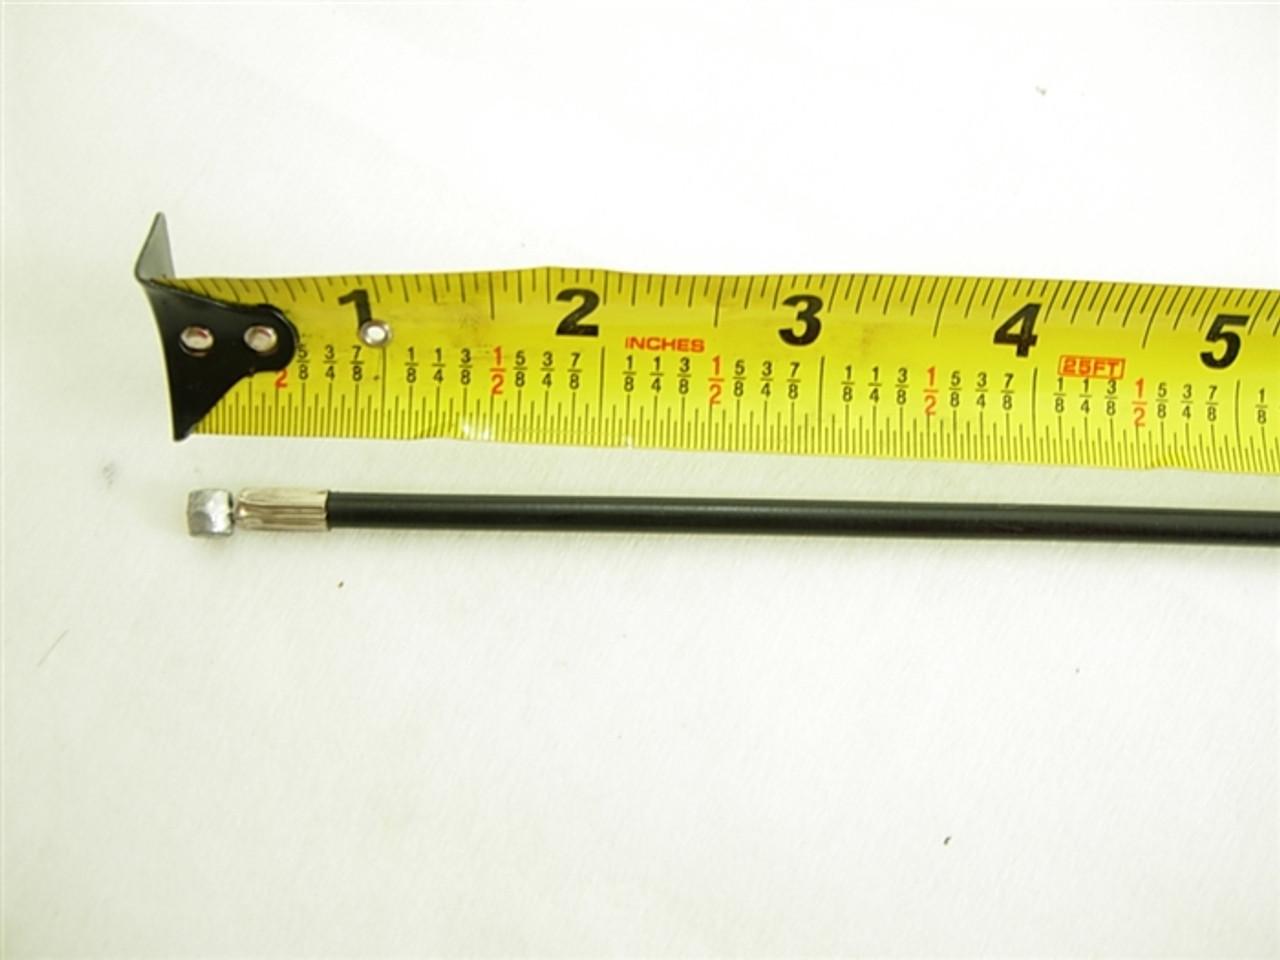 choke cable 13623-a202-5